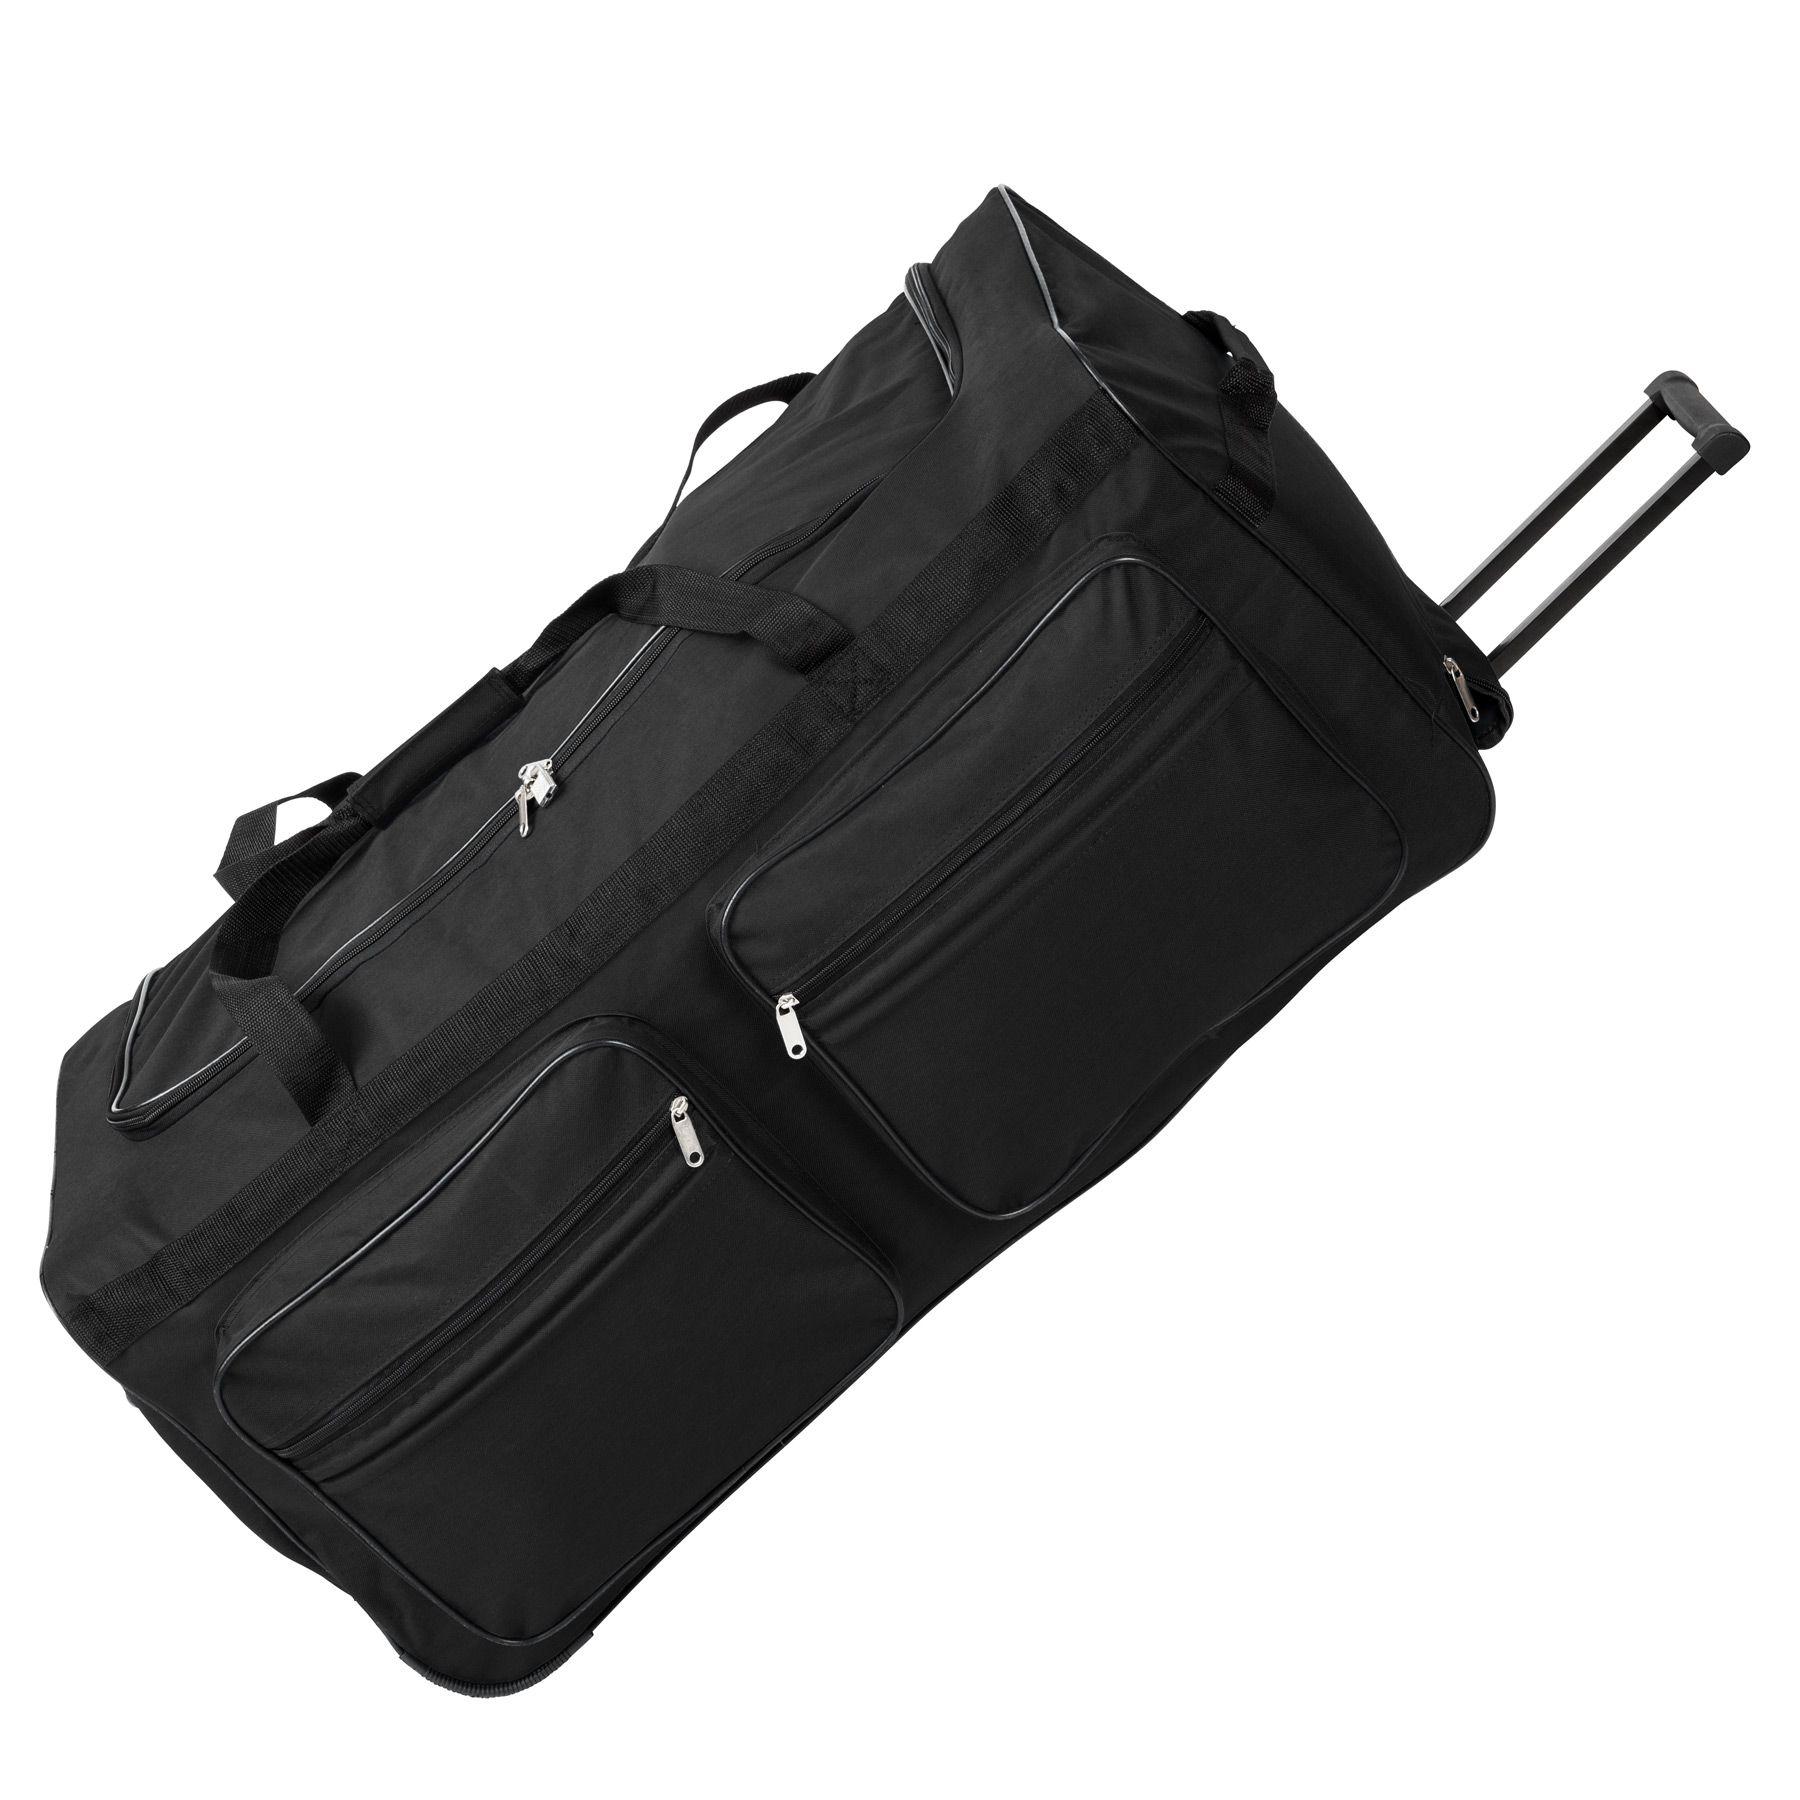 TecTake_Reisetasche_402213_3 Sac de voyage XXL valise trolley légère sport bagage à roulettes 160 litres